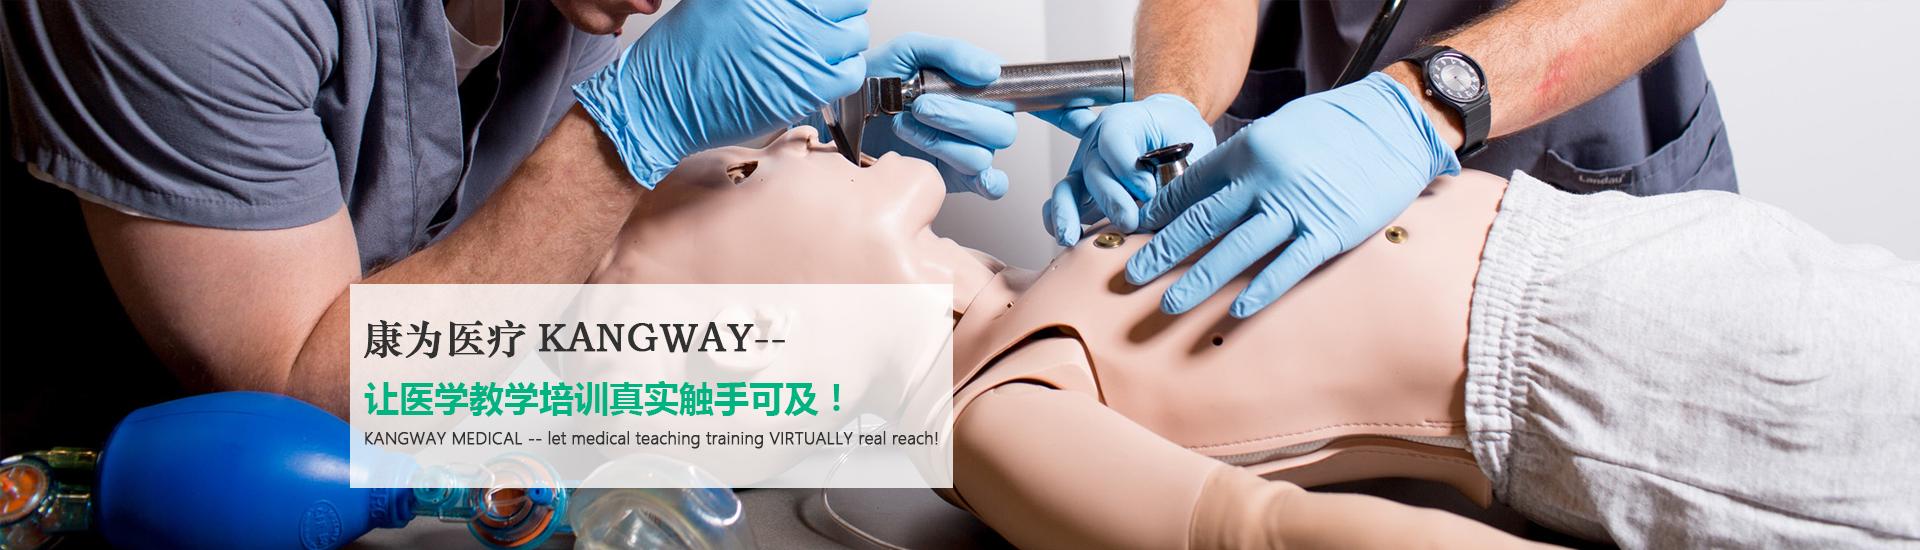 中国医学教学模型制造中心